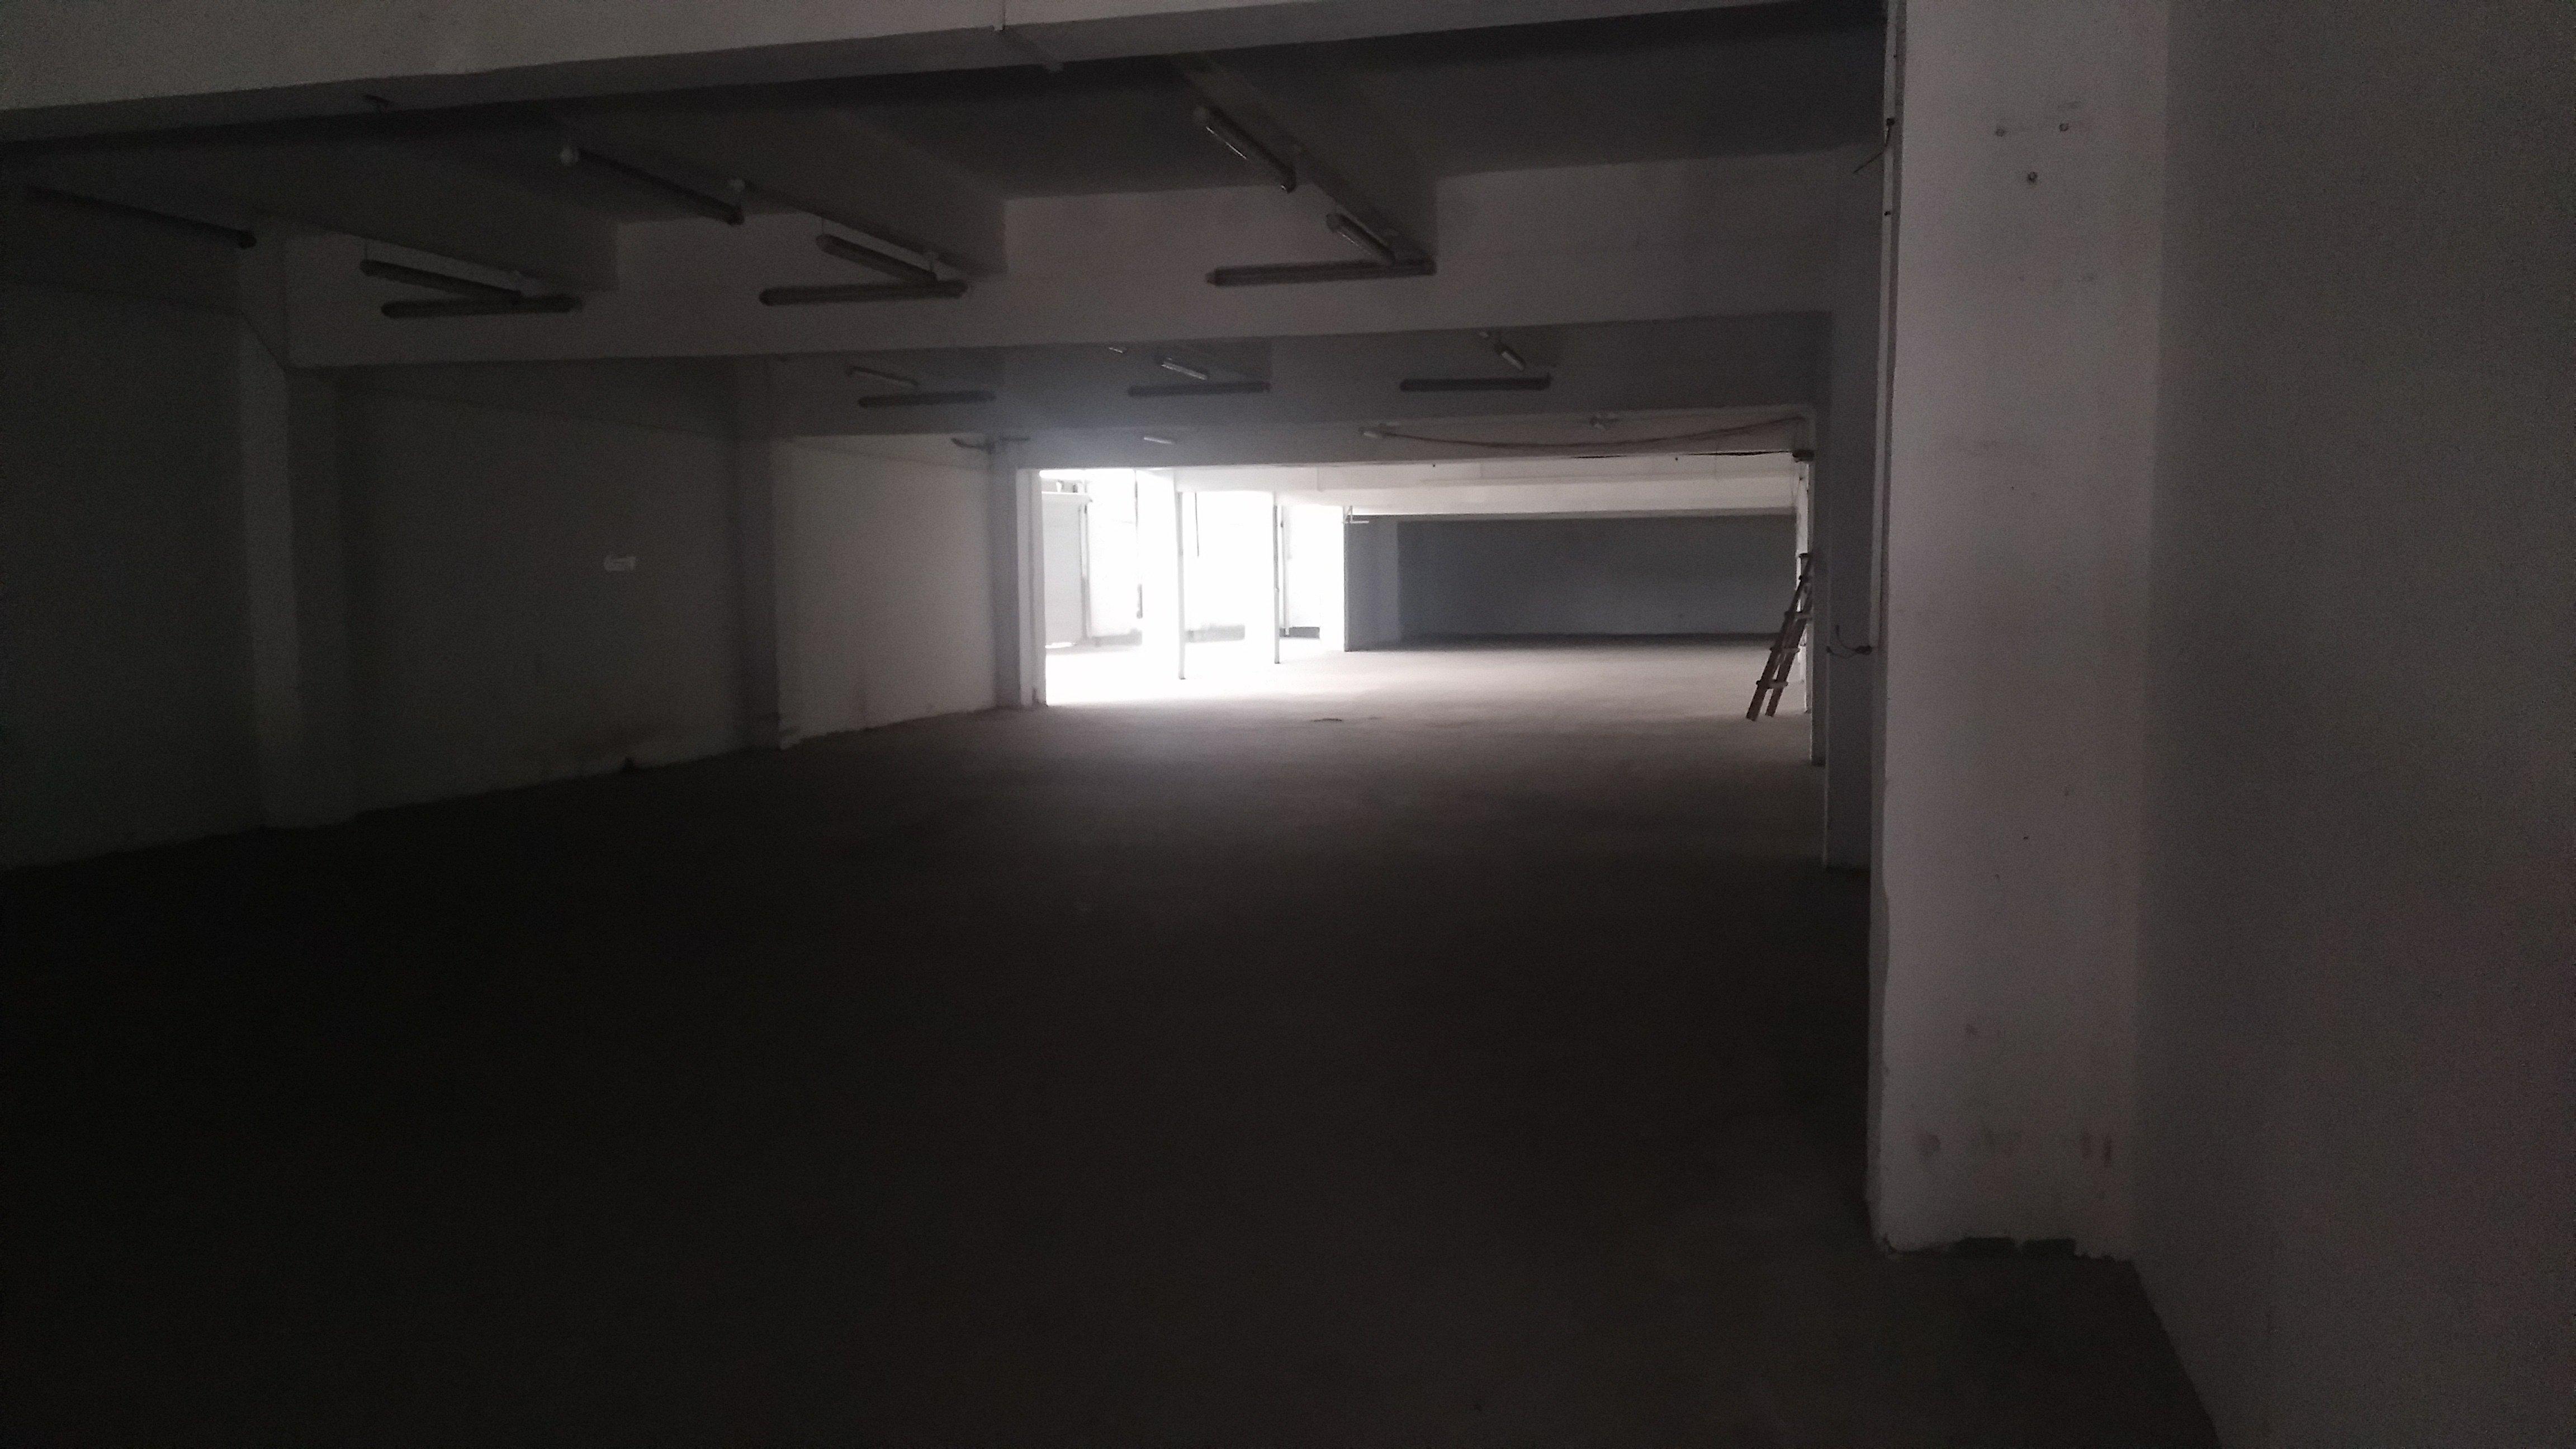 厚街珊美新出一楼标准厂房680平方米招租适合仓库